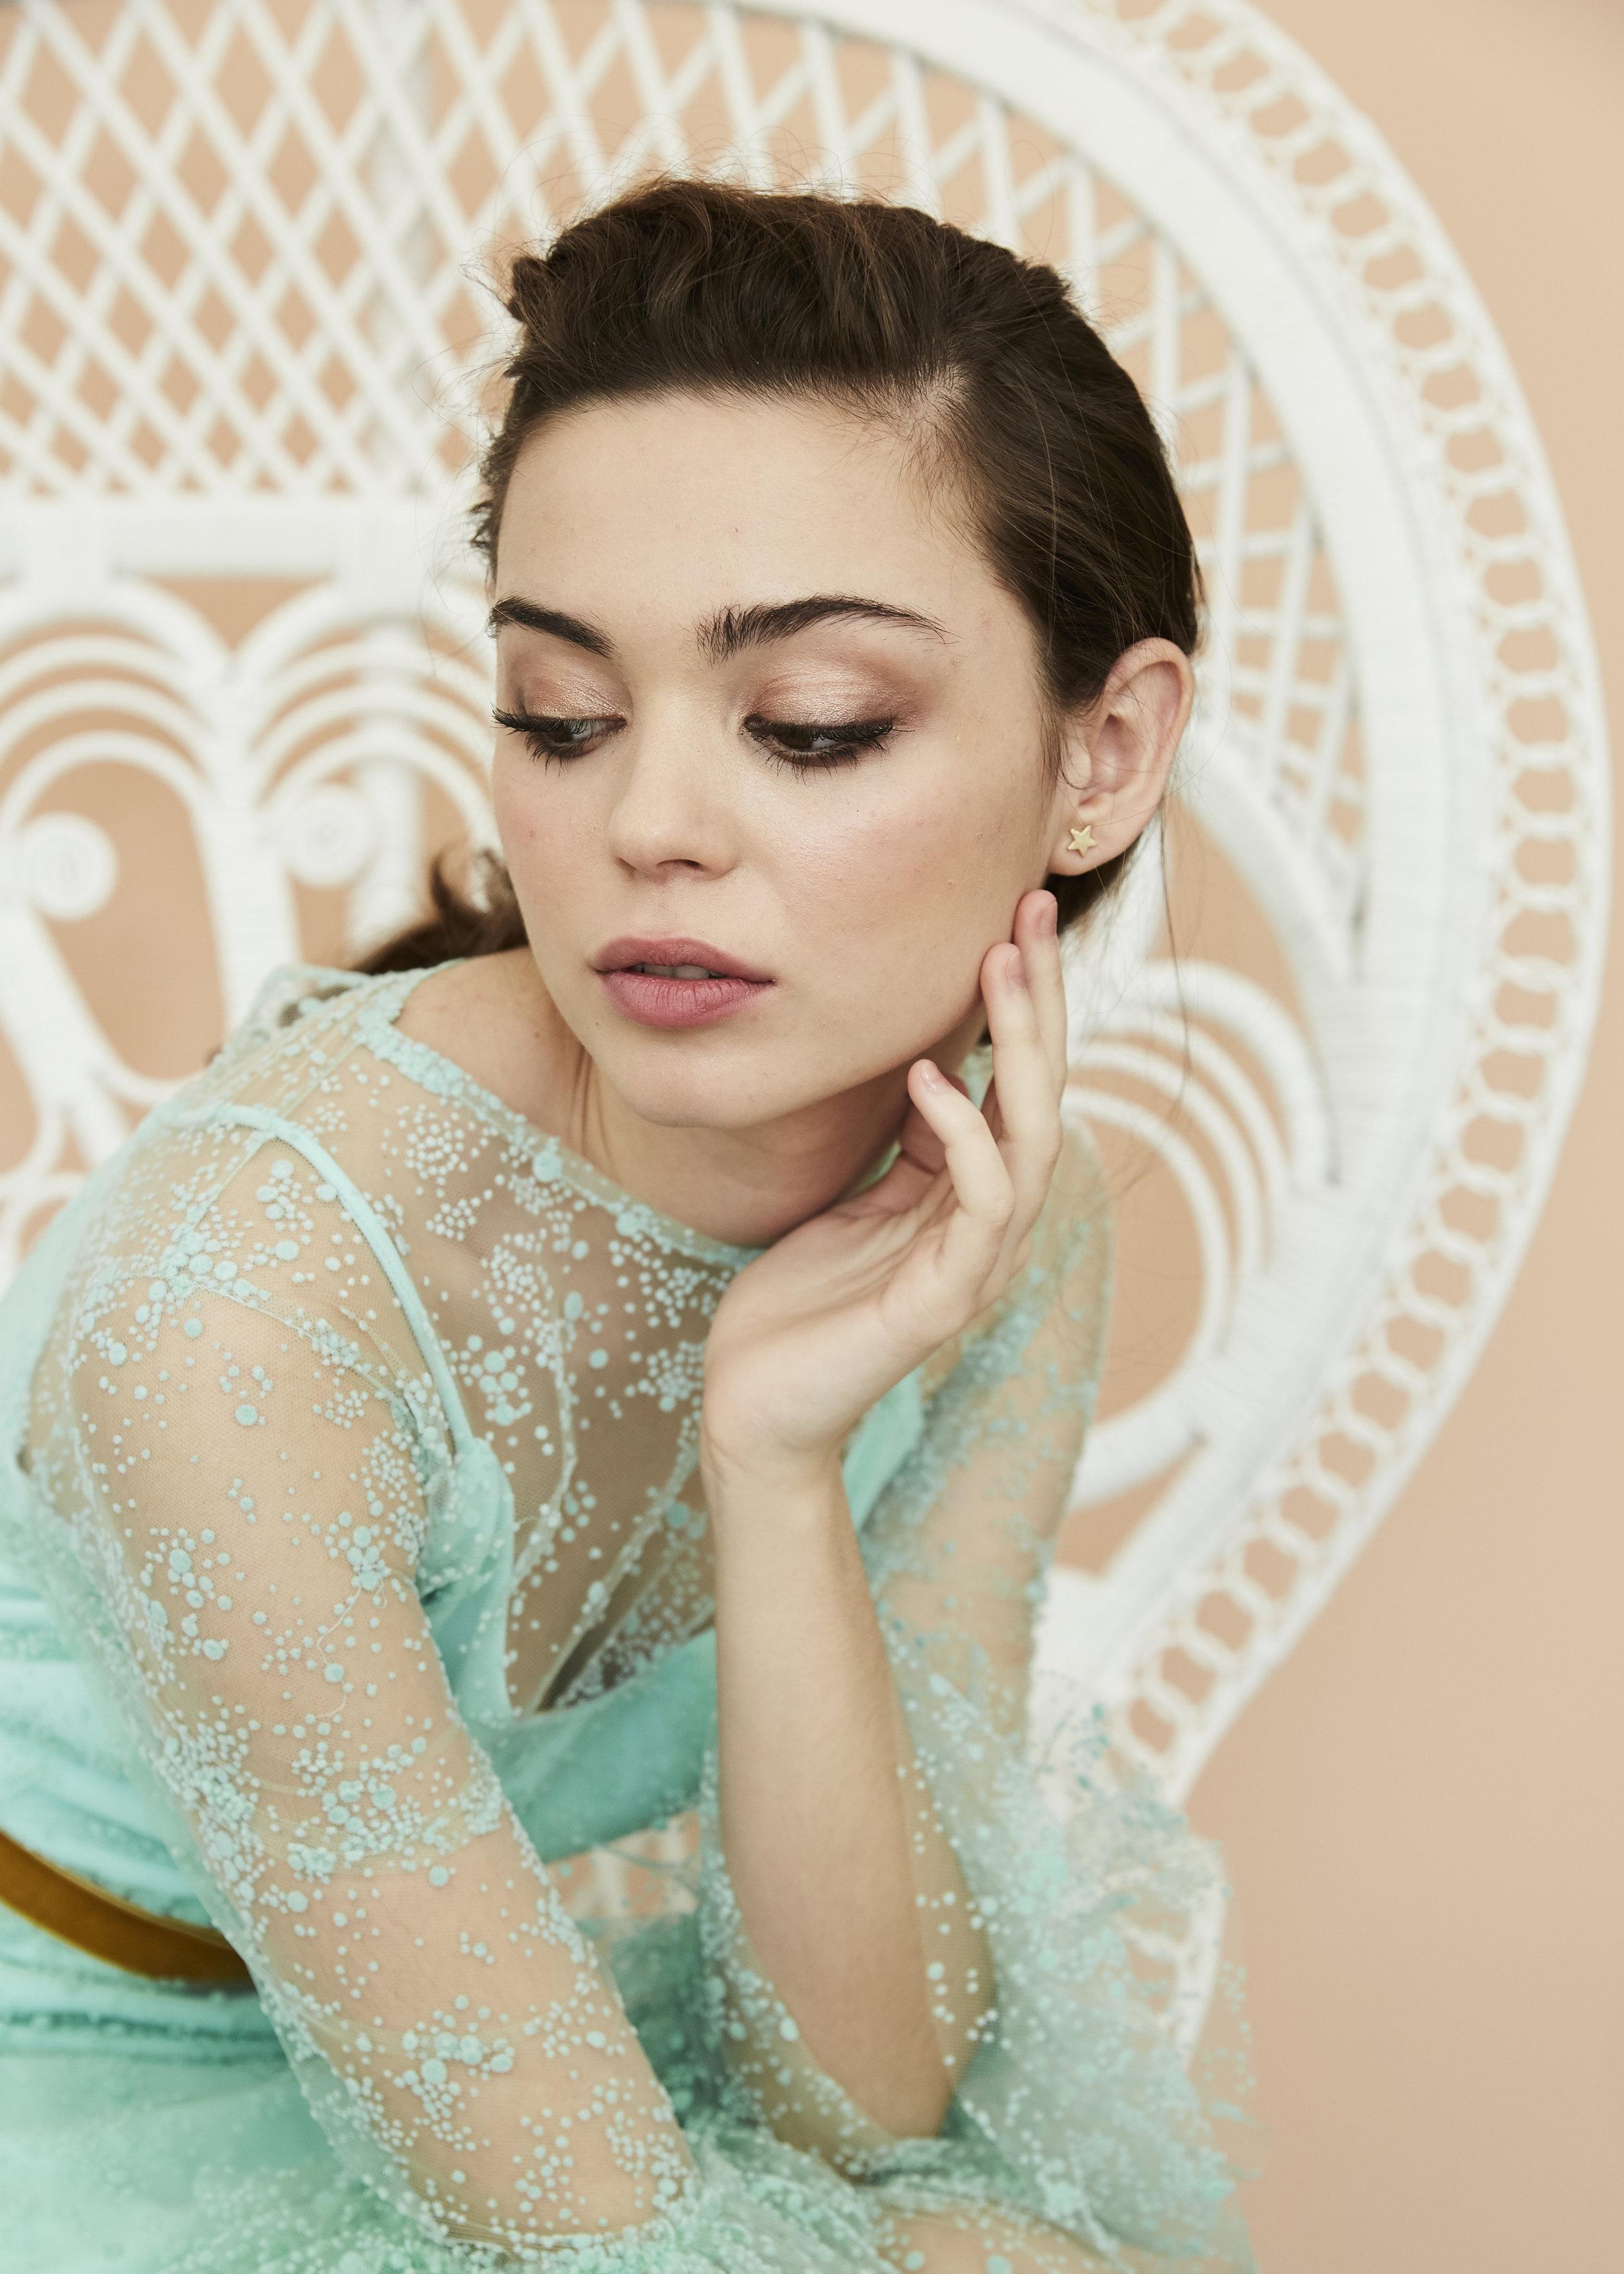 Irene con vestido en plumeti azul aqua ·S a o·  @lauralomasdesign   Pendientes: @acus_complementos  modelo: ✨Gold star✨   ♥️  Foto: @maritutunni  Maquillaje: @tespin.makeup